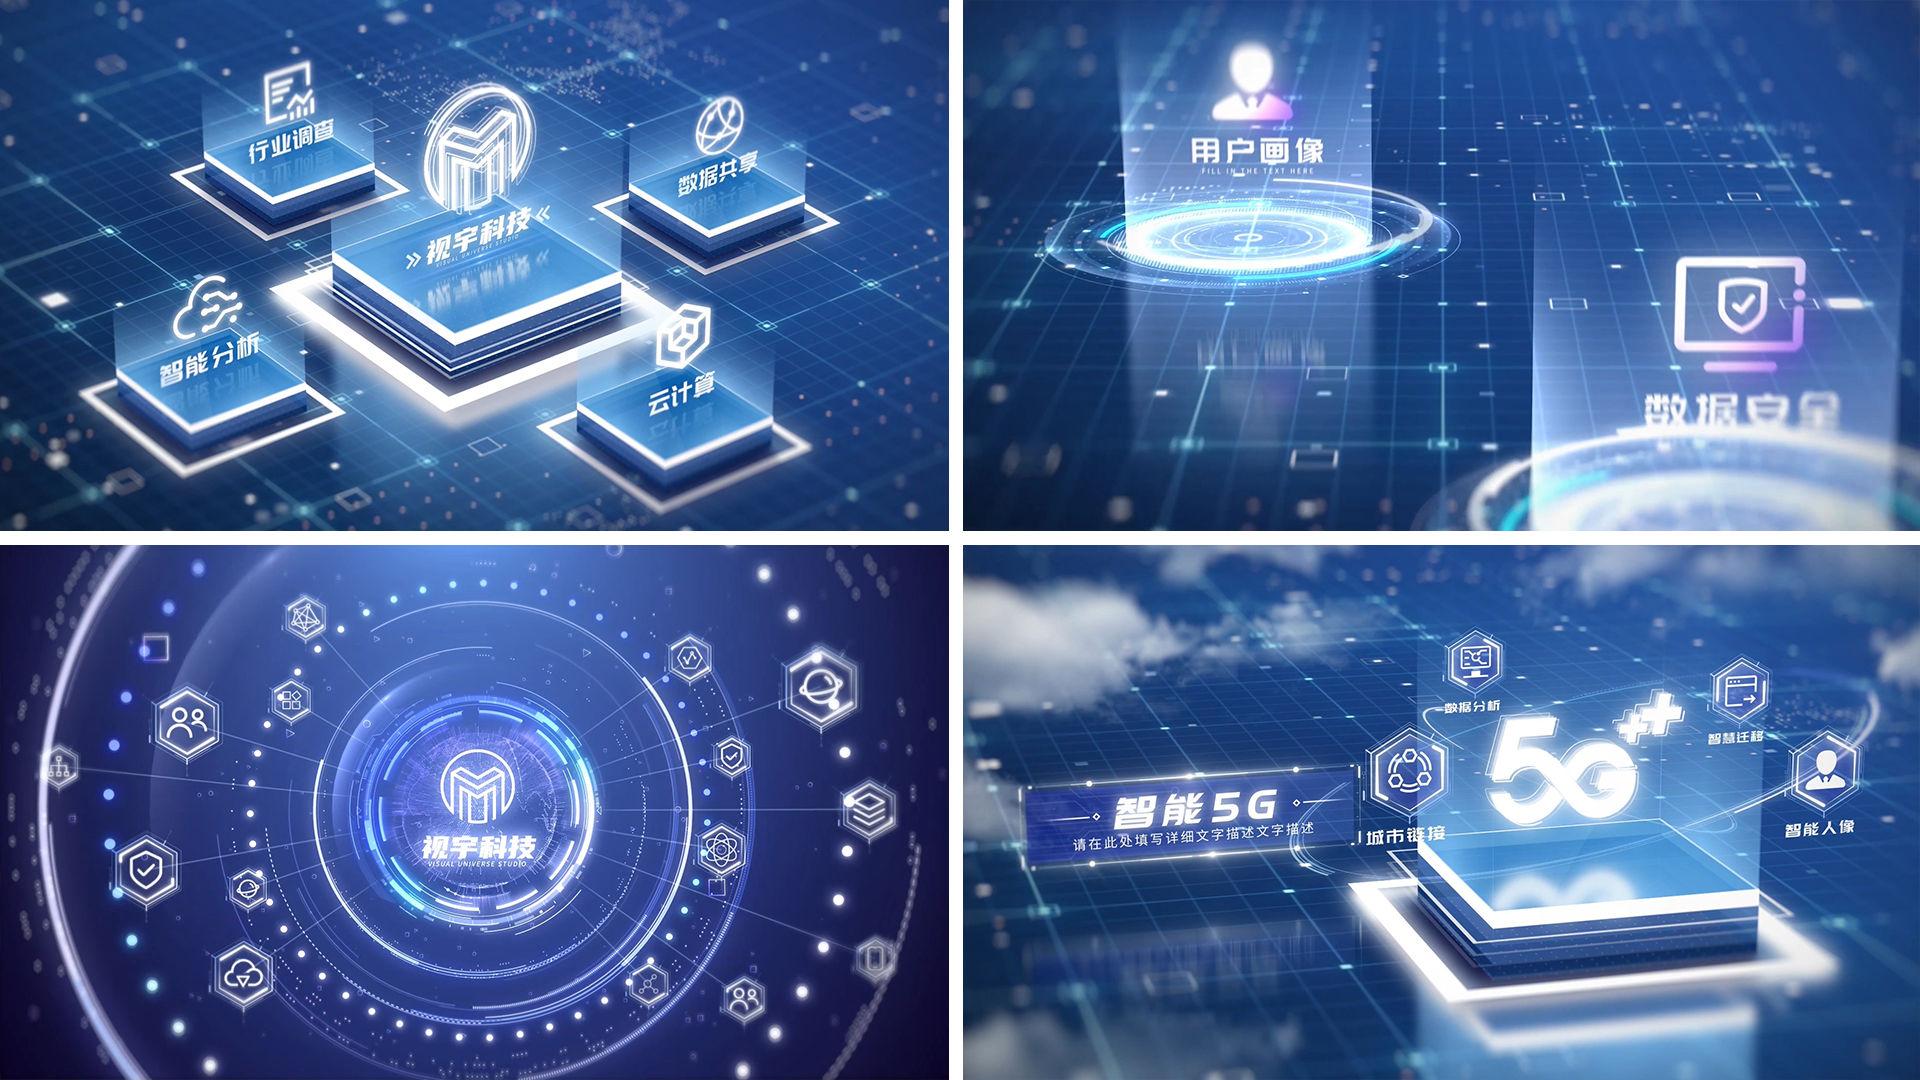 【原创】科技炫酷数据AE模板